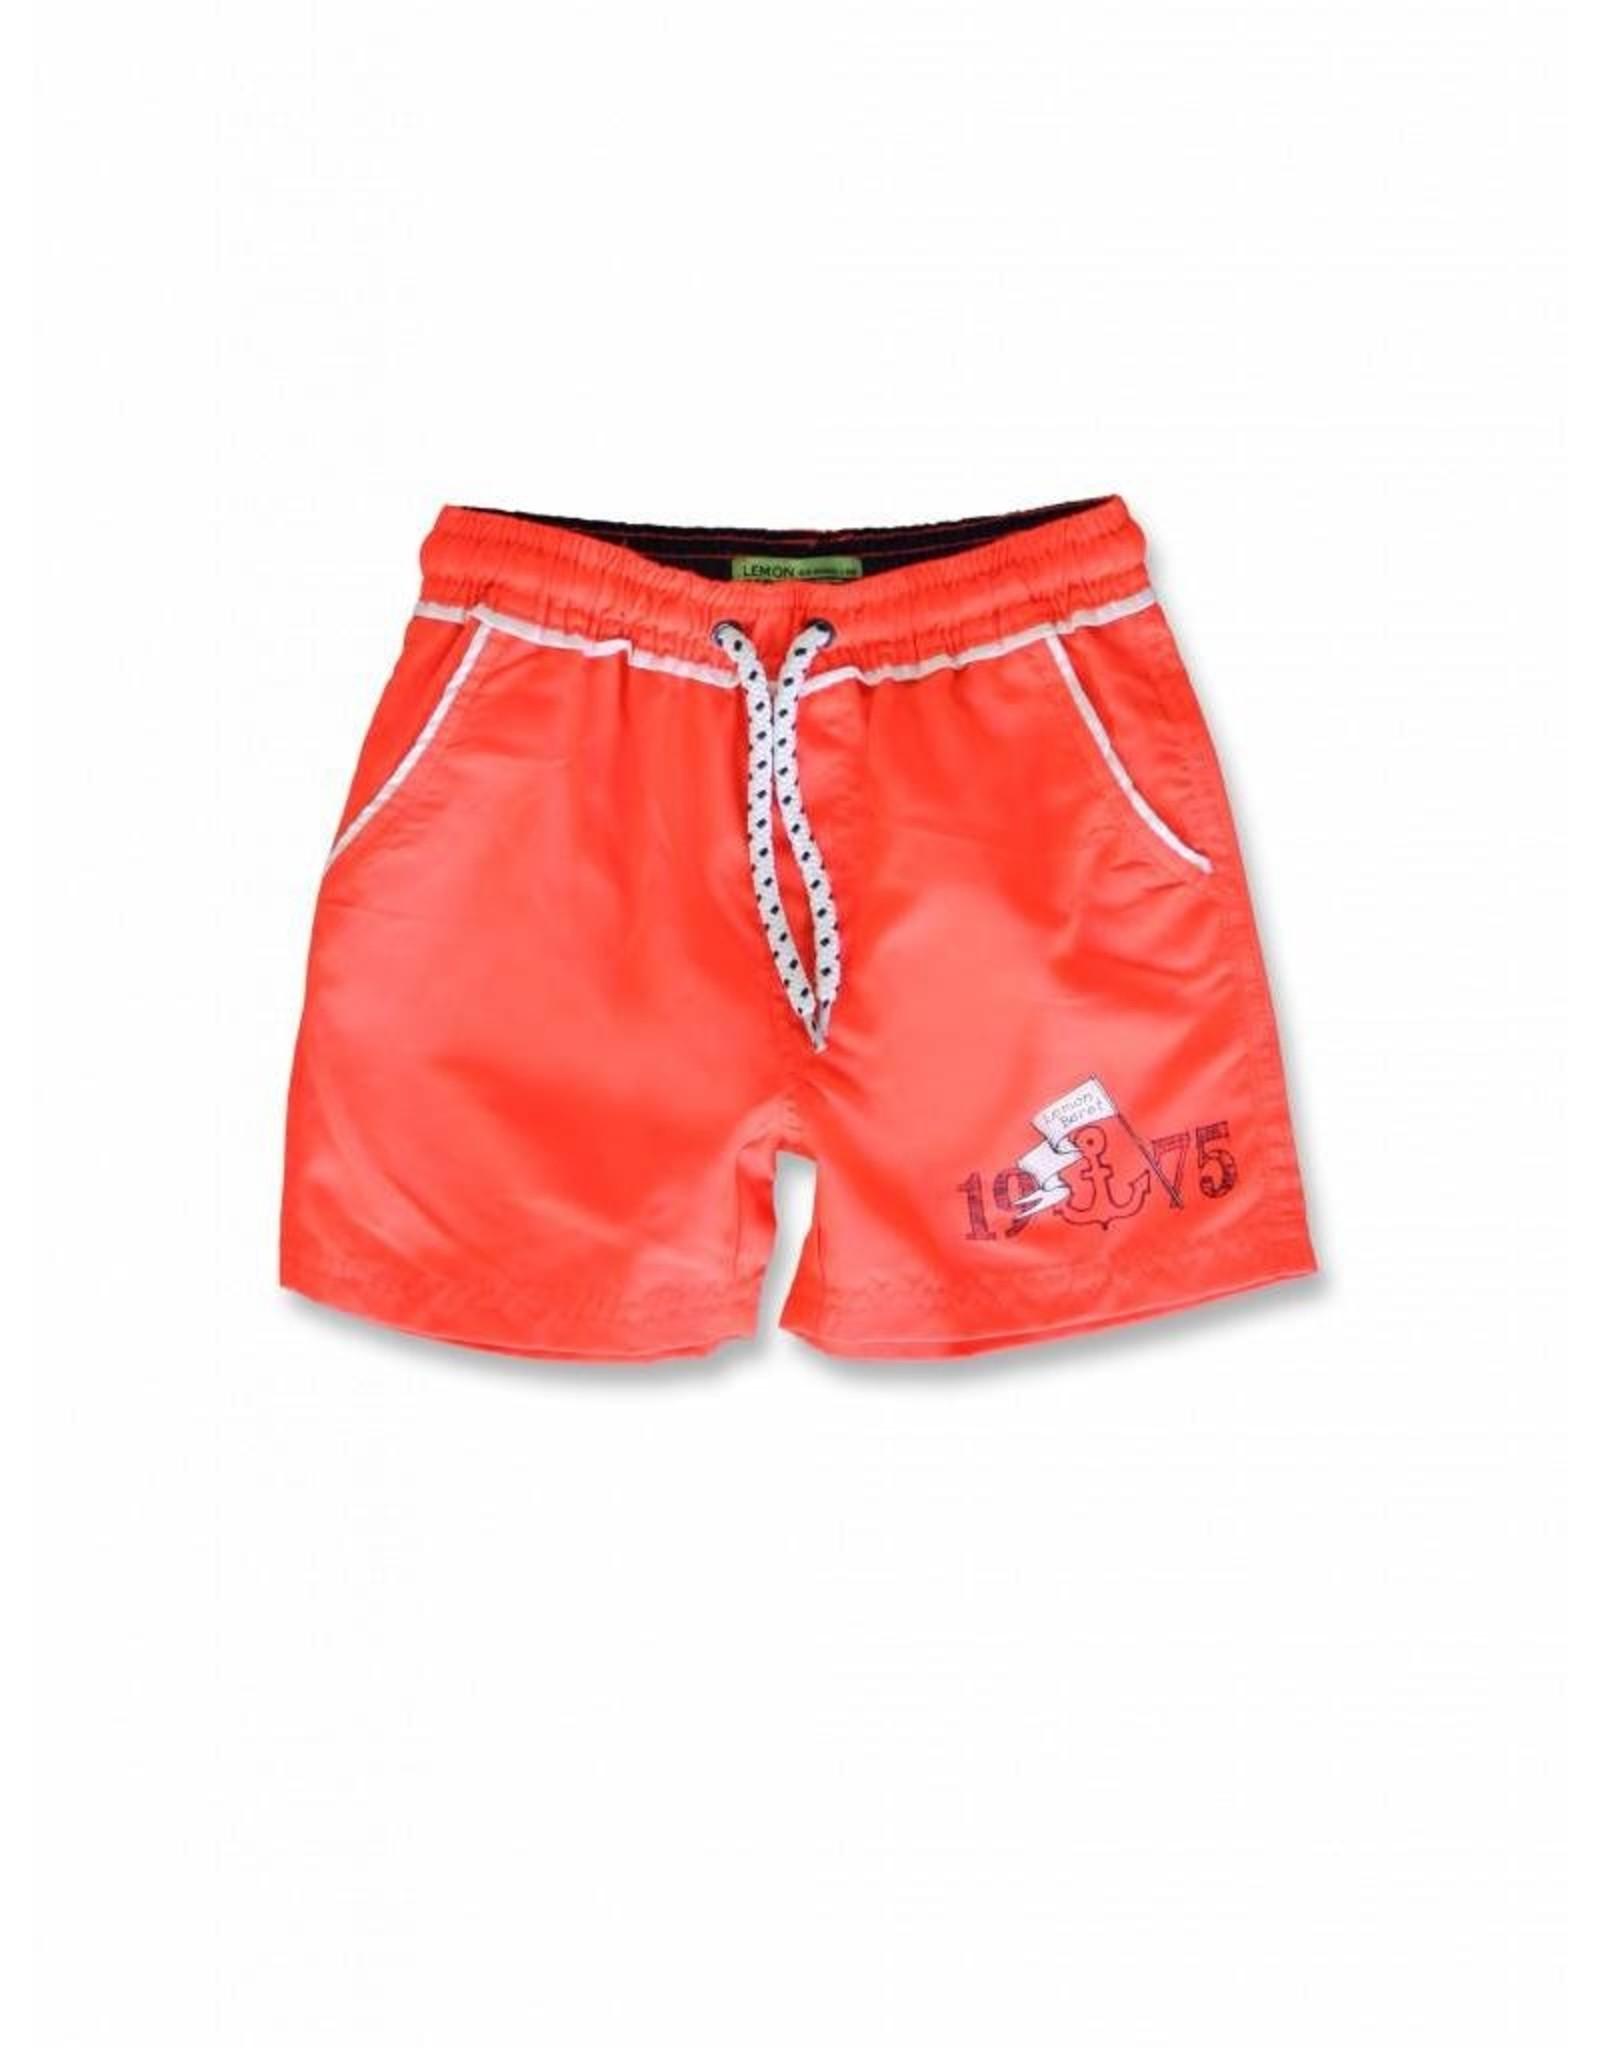 Lemon Beret Lemon Beret Small Boys Swimwear Fiery Coral